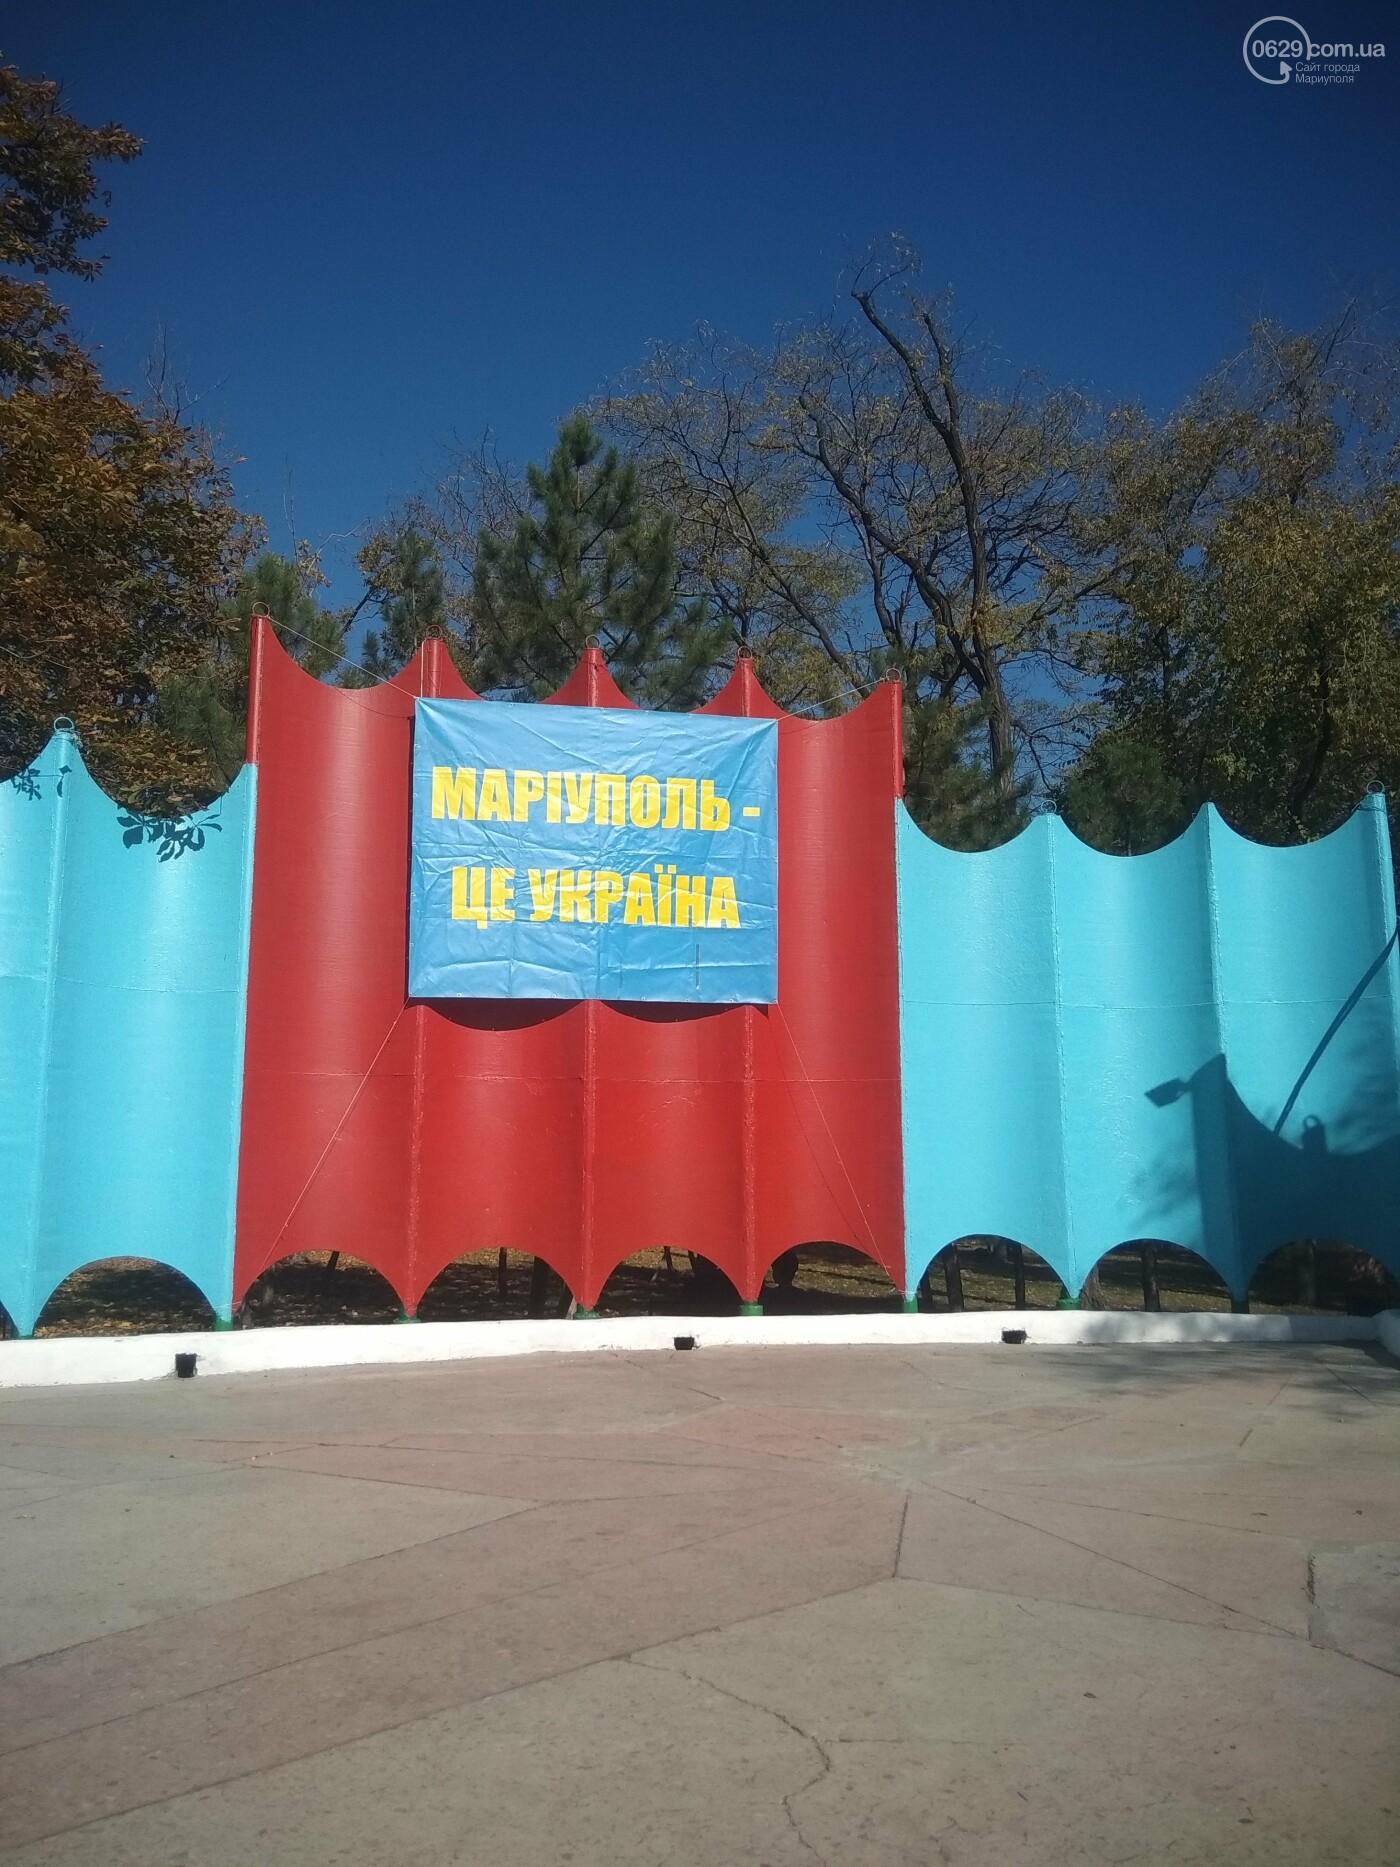 Мариупольцы празднуют День защитника Украины, - ФОТОРЕПОРТАЖ , фото-7